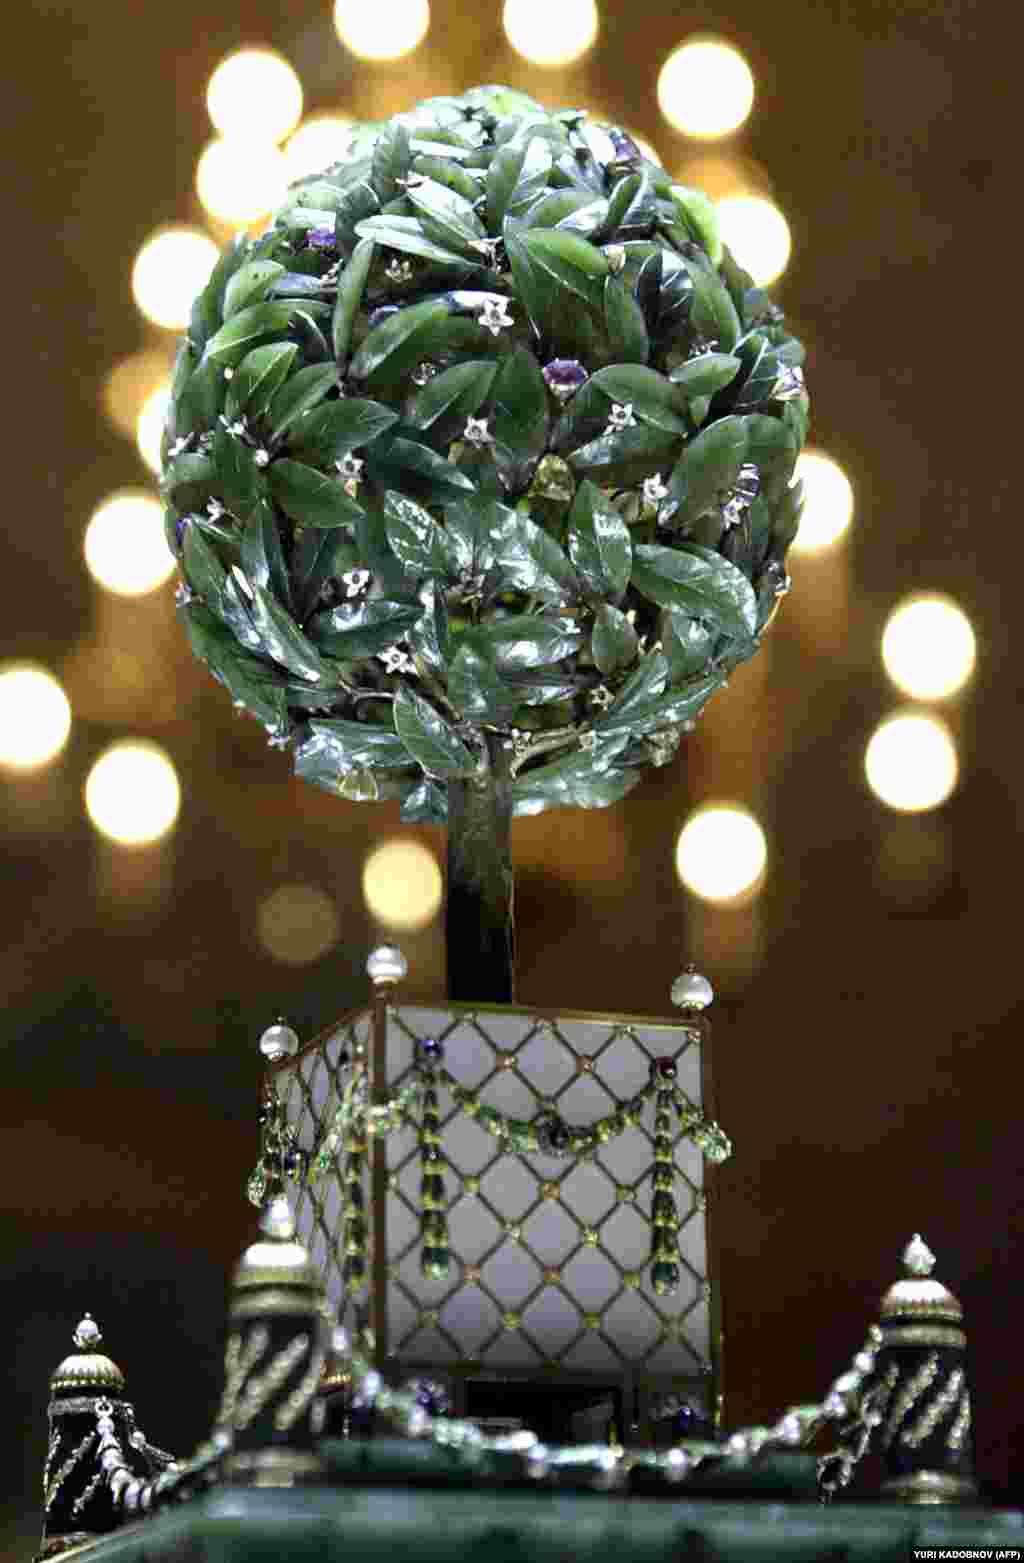 """Яйцо """"Лавровое дерево"""" создано в 1911 году. Один из бриллиантовых """"плодов"""" дерева, приводит в действие помещенный внутрь яйца """"сюрприз"""" –крошечную птицу, которая поднимается с вершины дерева, машет крыльями и поет. Через три года после того, как это яйцо было преподнесено в дар, Россия вступила в Первую мировую войну."""